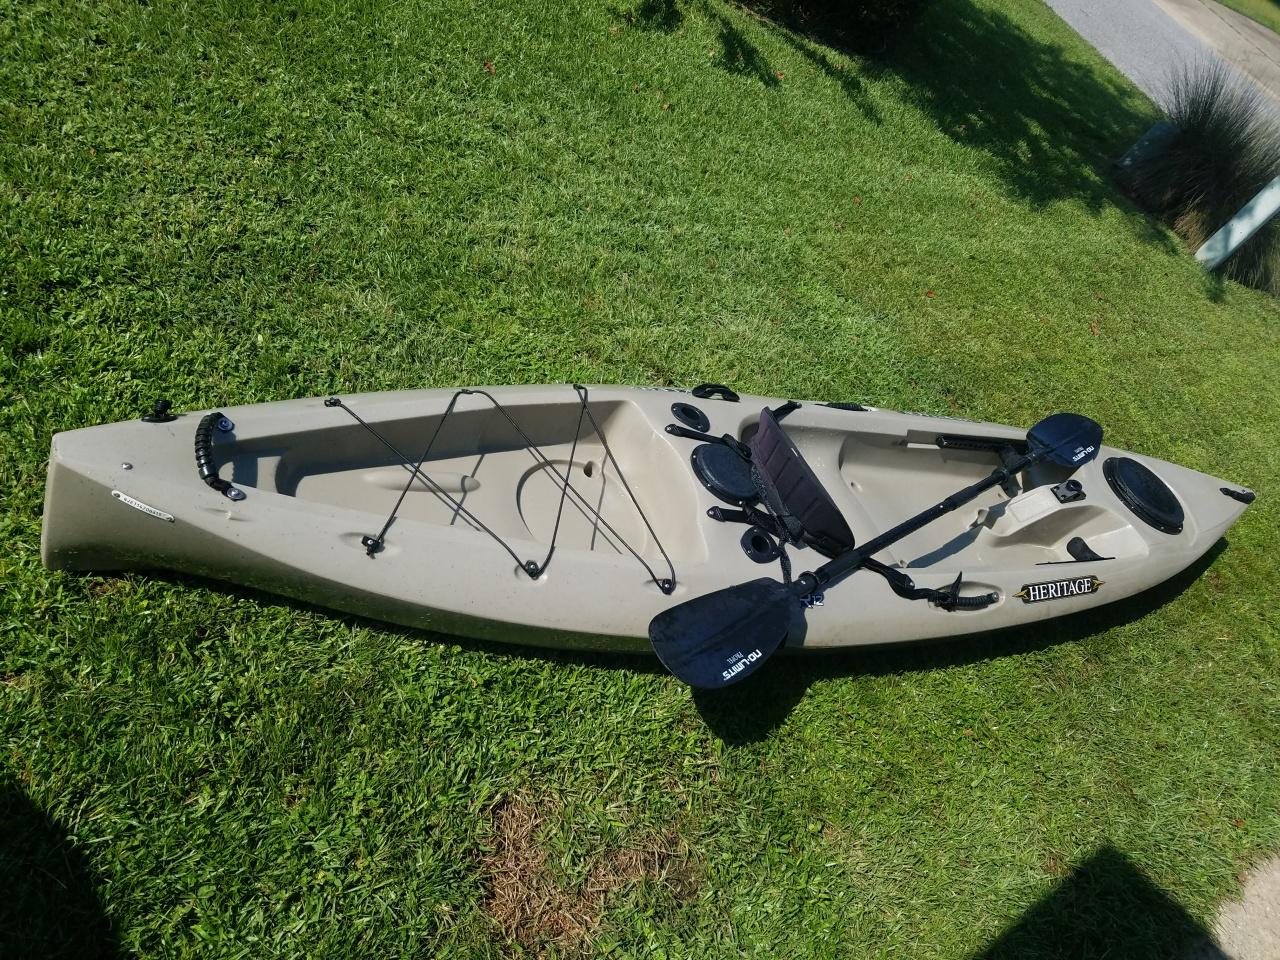 Heritage Angler 12 Kayak - 0-20180822_095957-jpg